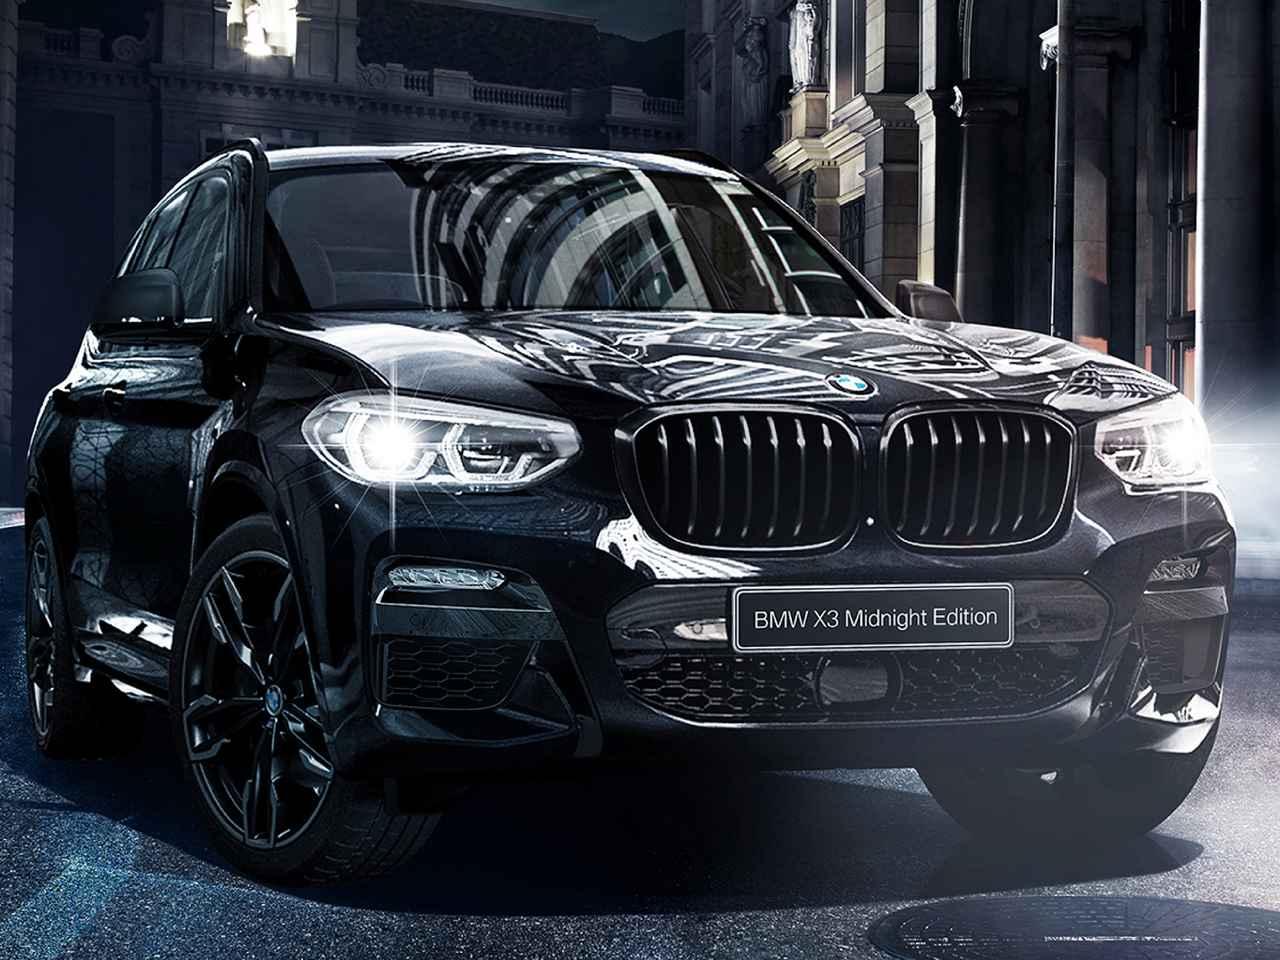 """BMW X3 xDrive20dミッドナイトエディションは130台限定。ボディカラーもグリルも外観はすべて""""黒"""""""